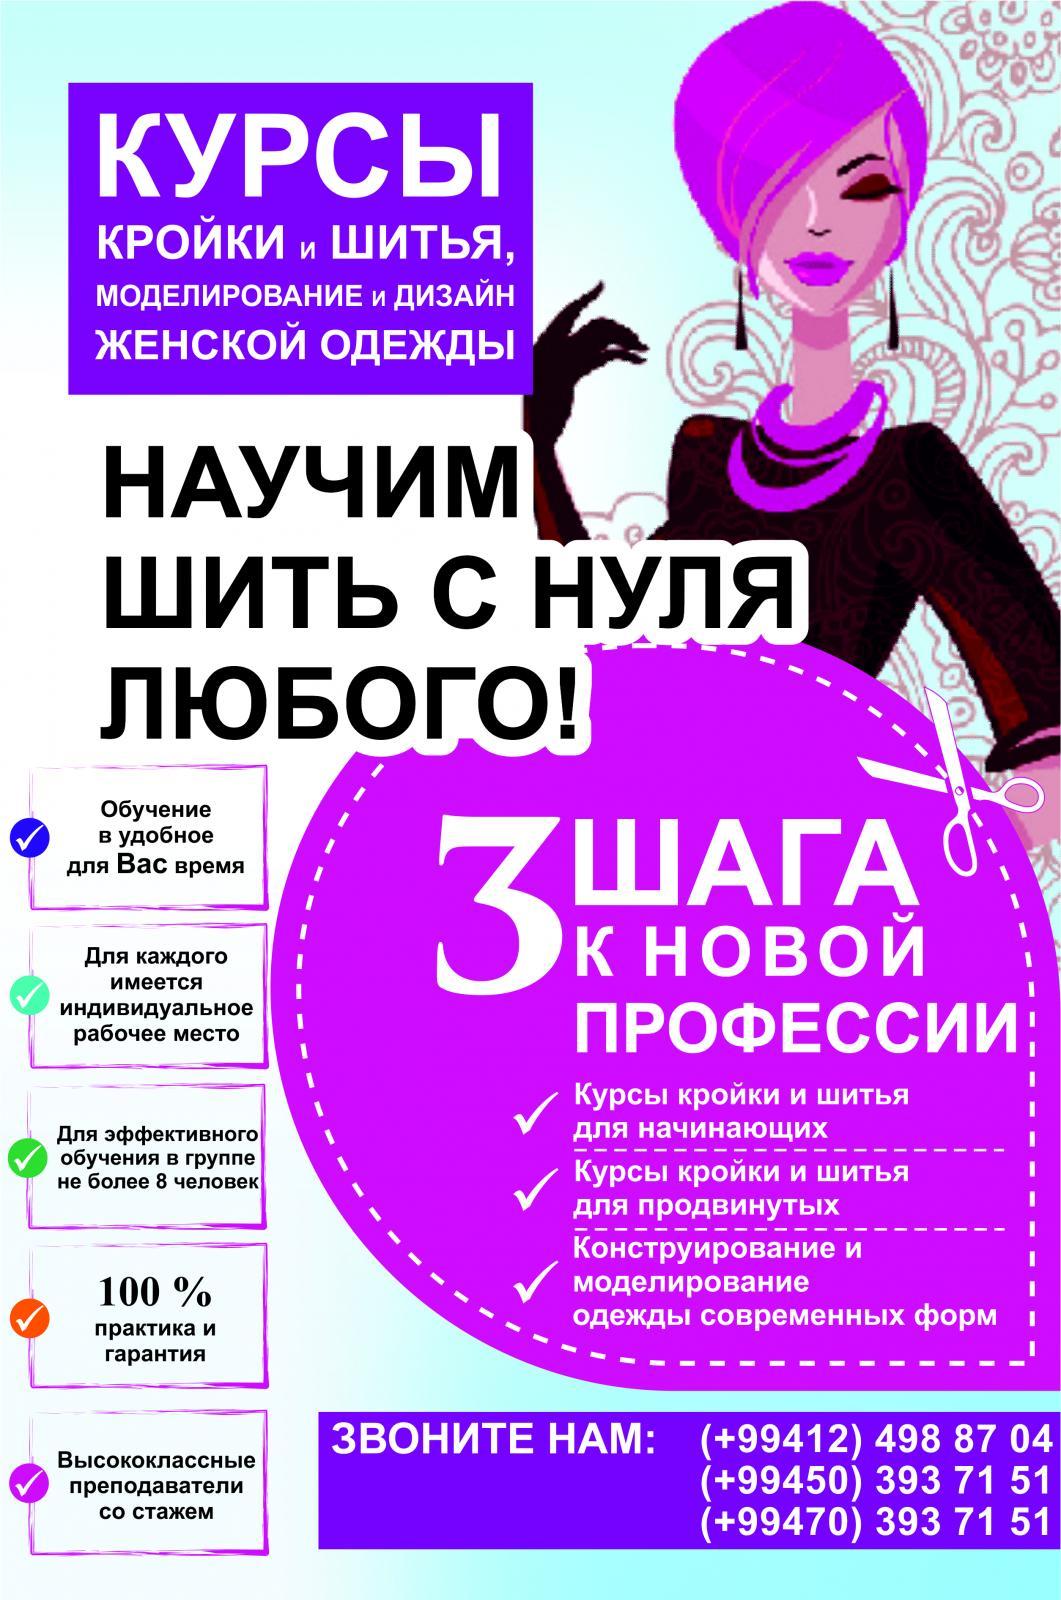 Купить комплект одежды в интернет-магазине Answear в Украине